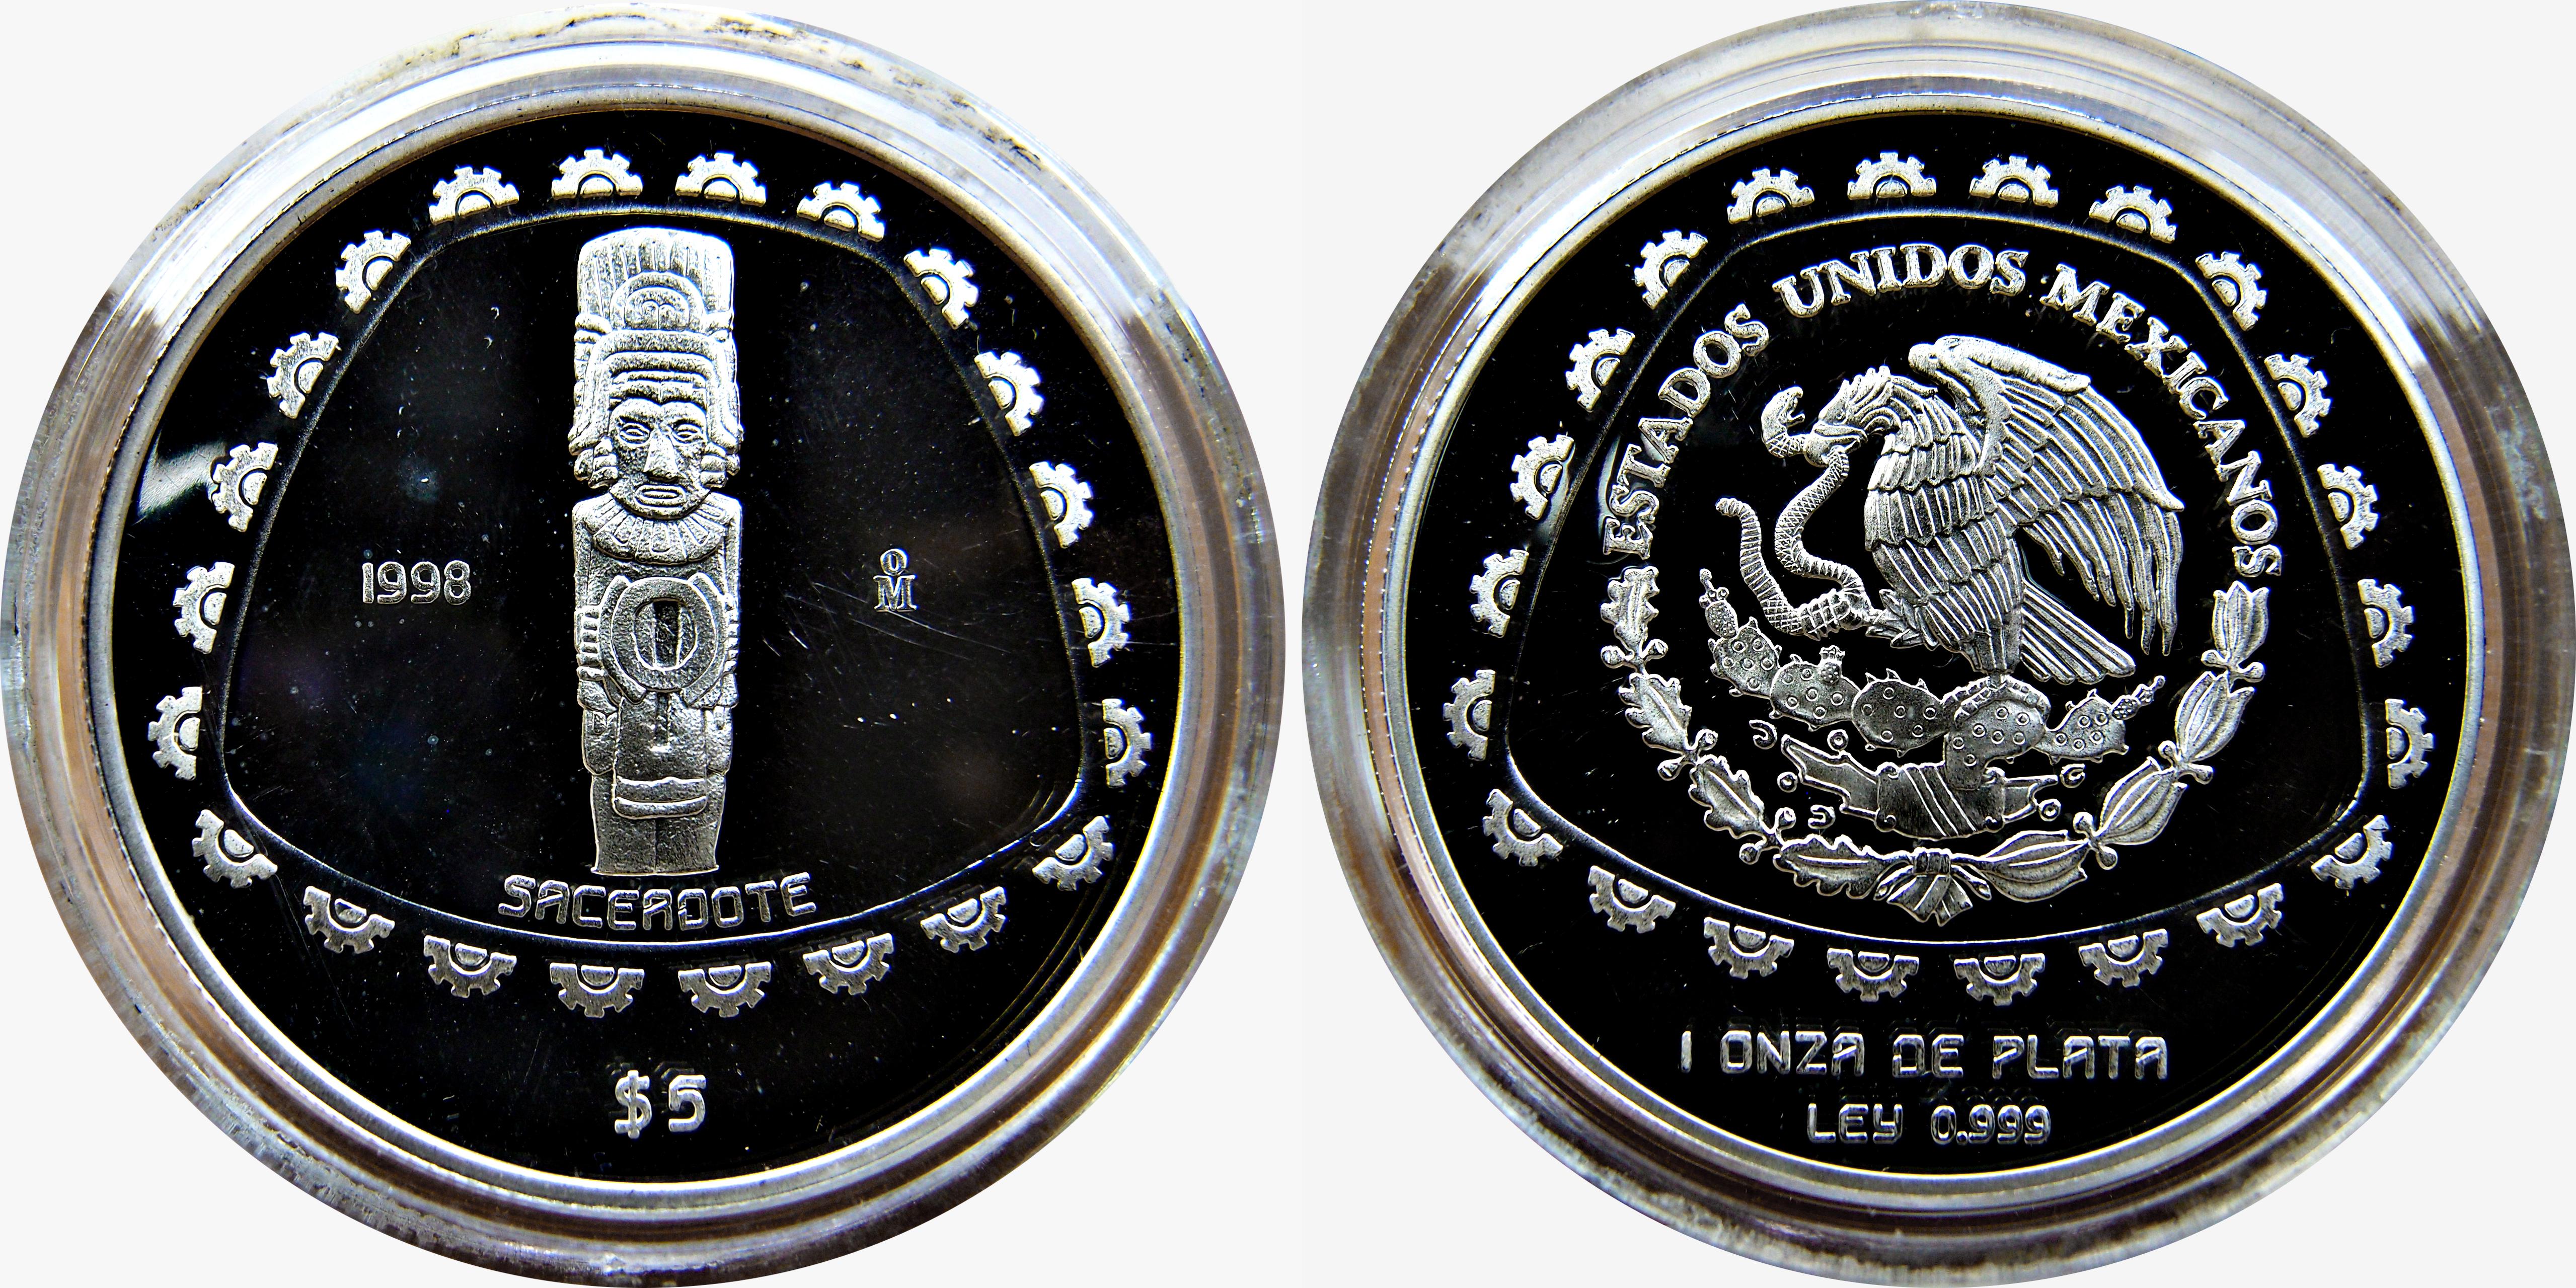 Colección Precolombina de onzas de plata del Banco de Mexico 12124322256_7e4e2571b5_o